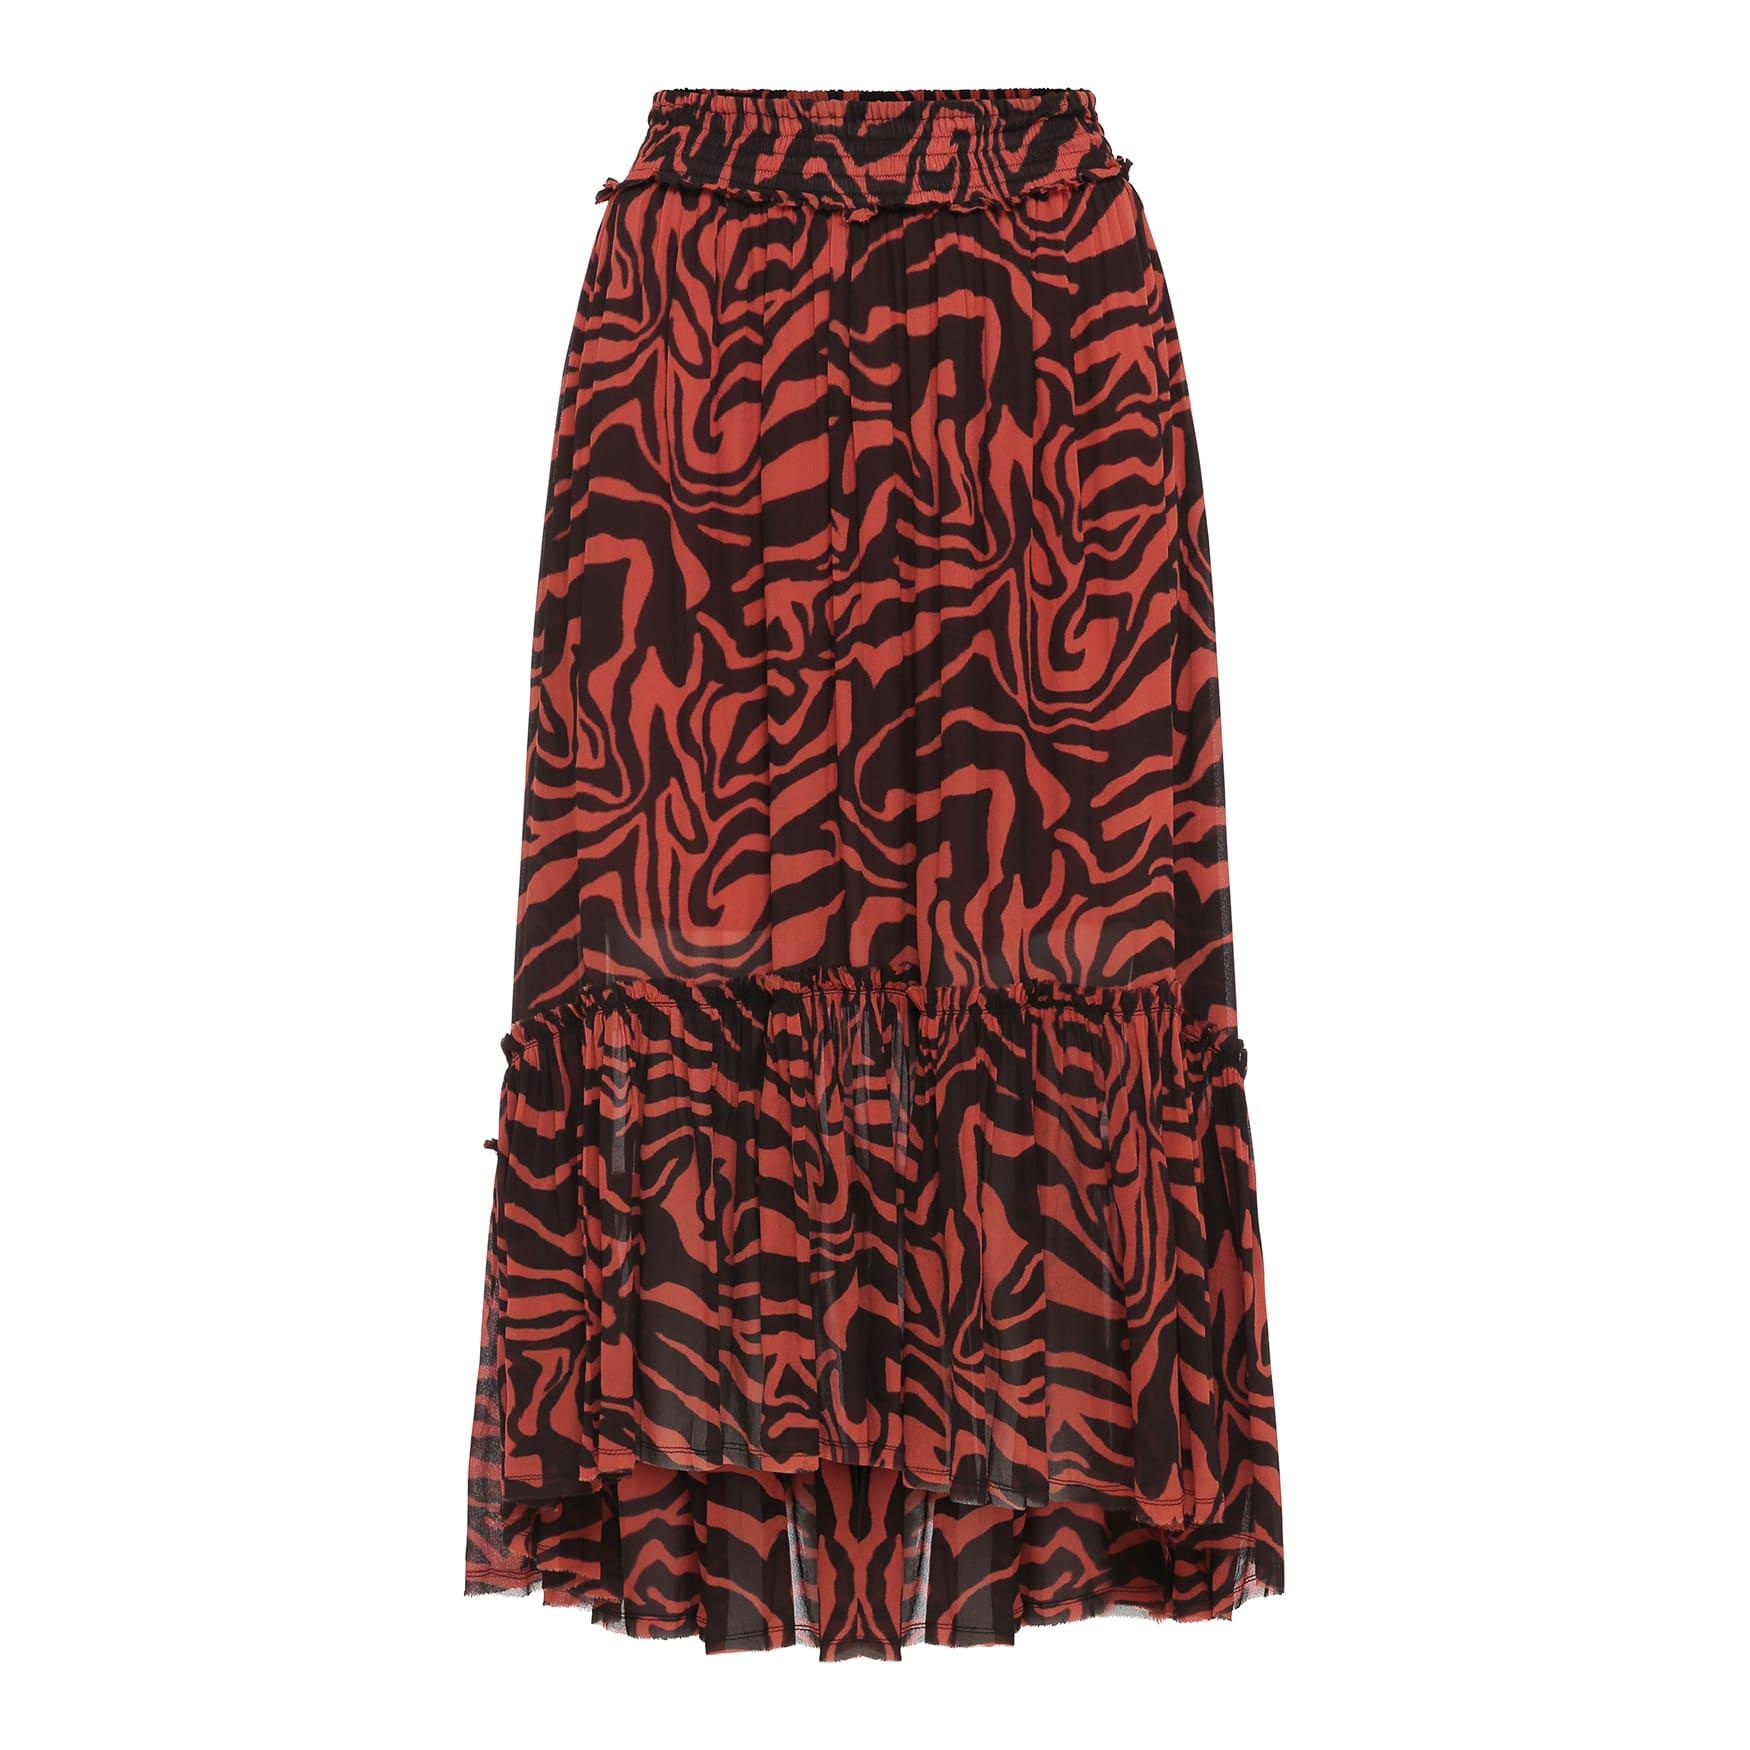 Rabens Saloner Jeannet Animal Print Skirt